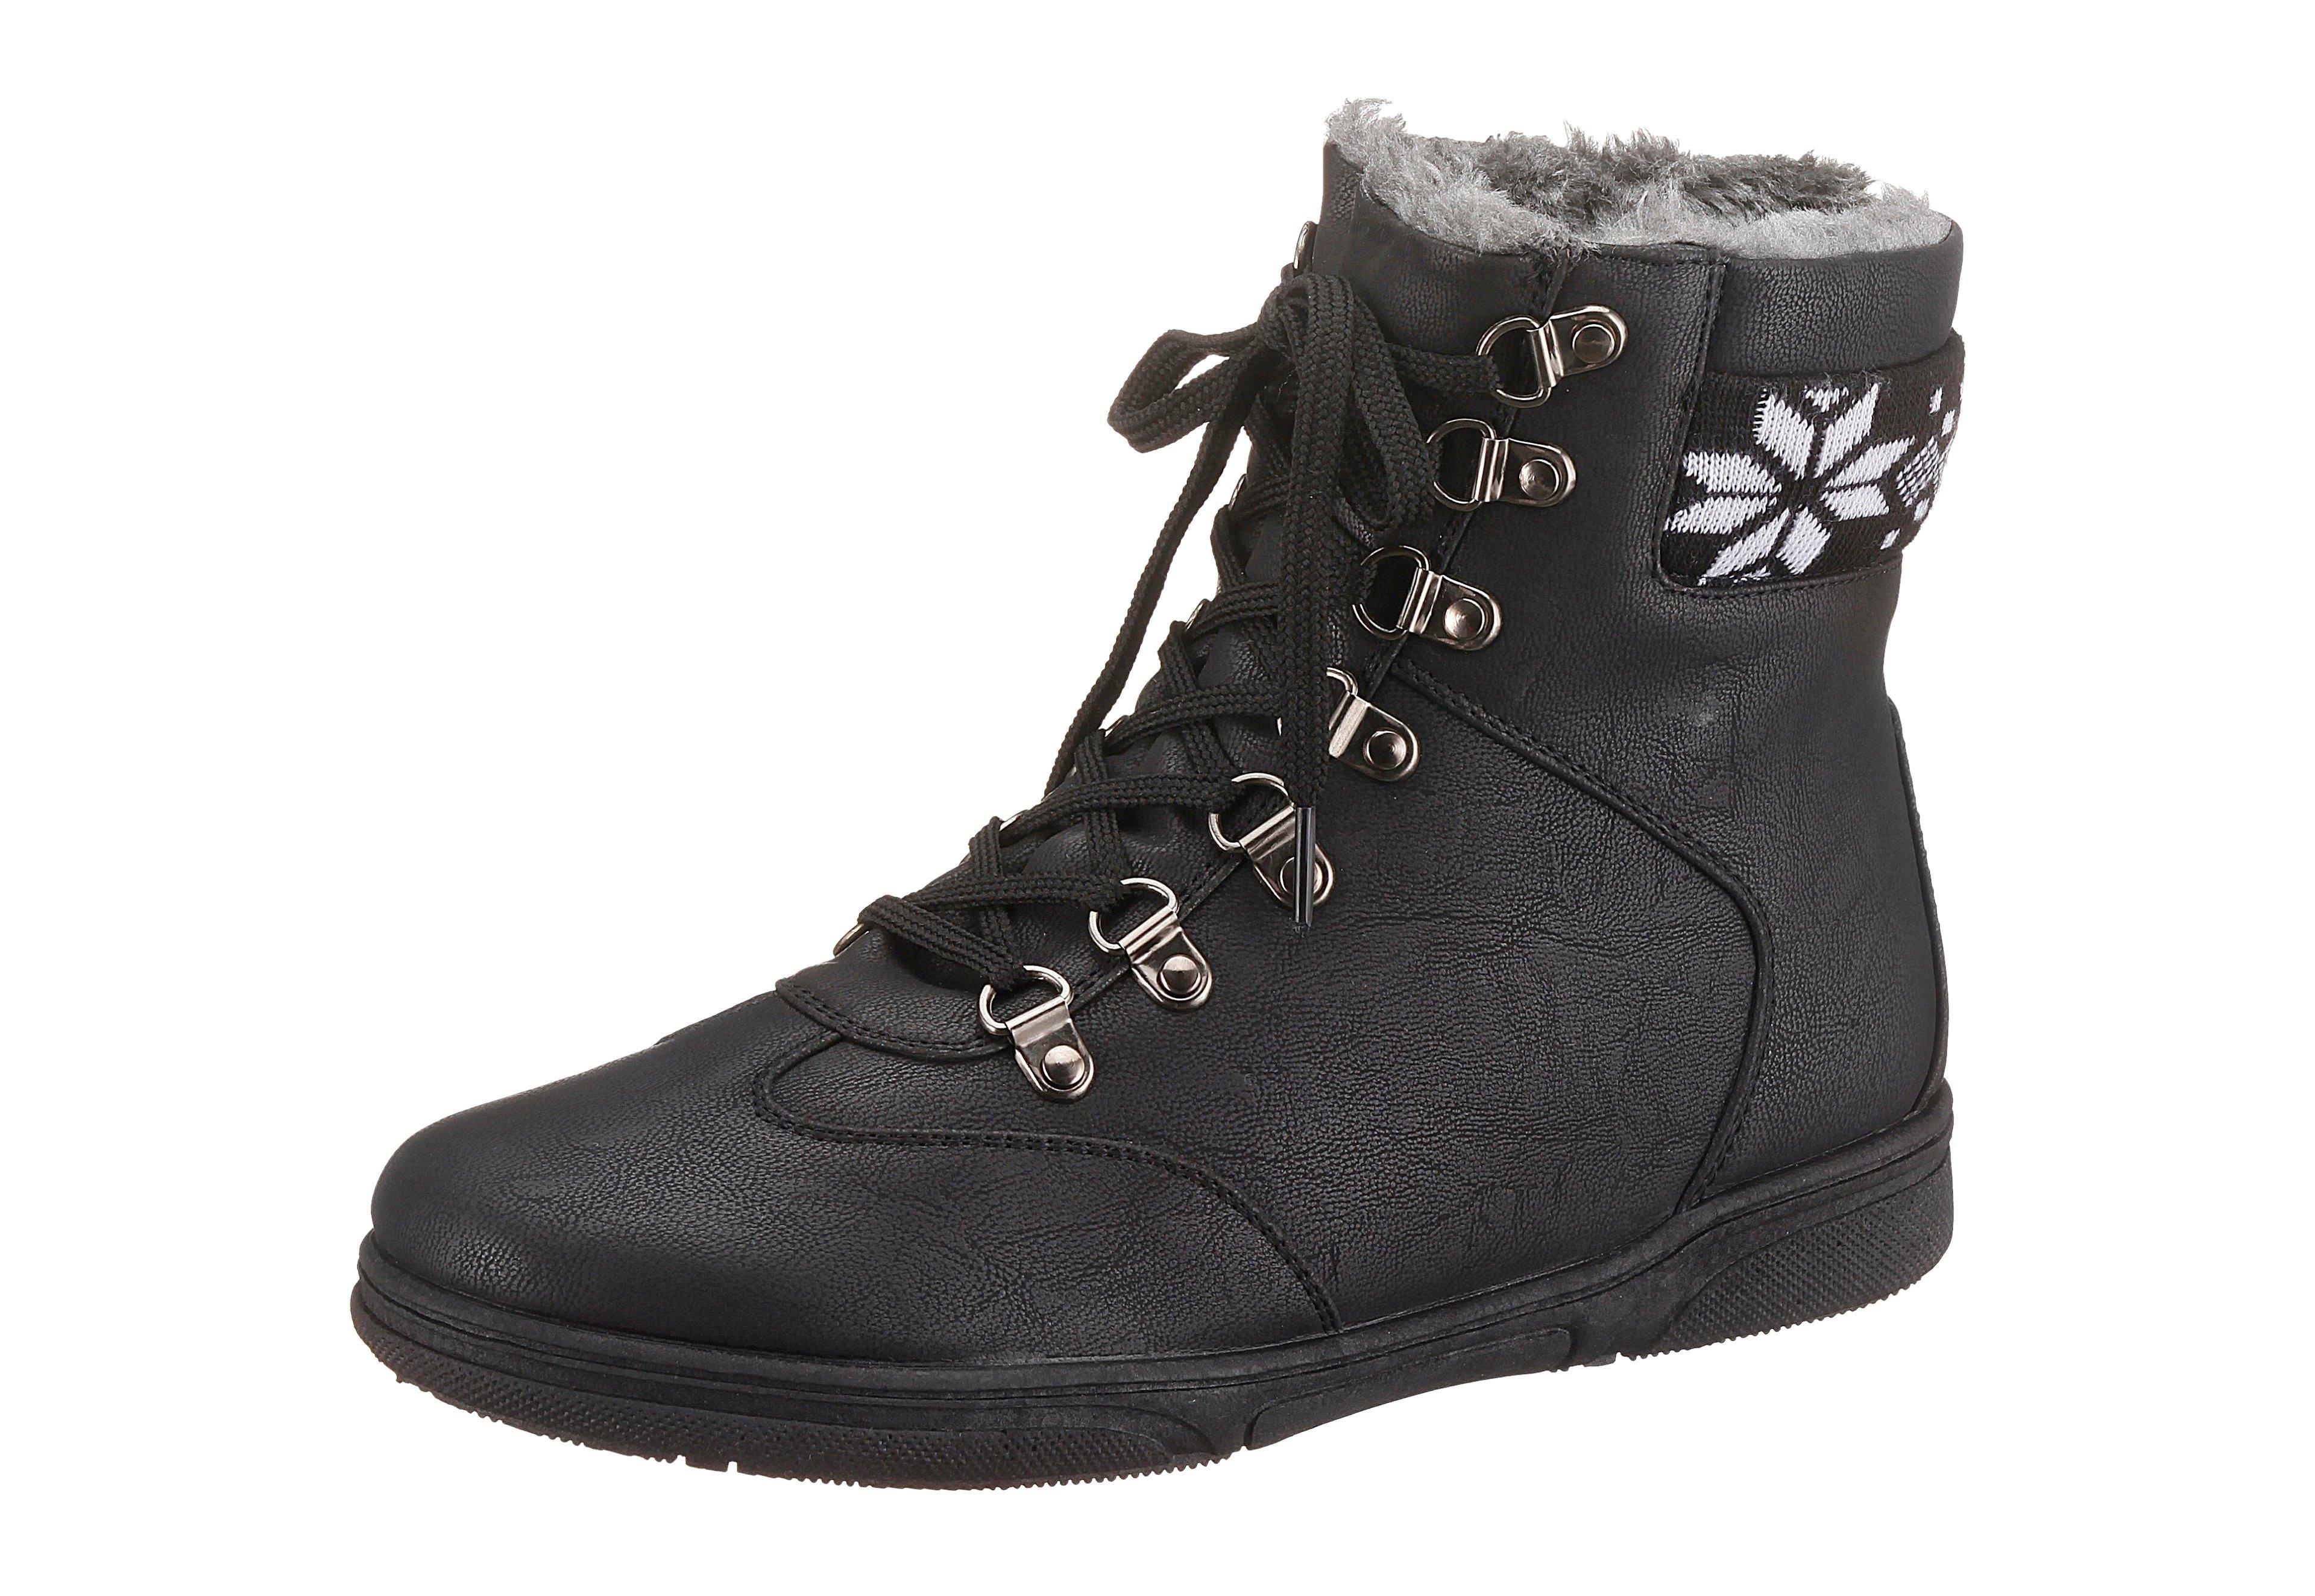 City Walk Hoge schoenen met vetersluiting bestellen: 14 dagen bedenktijd